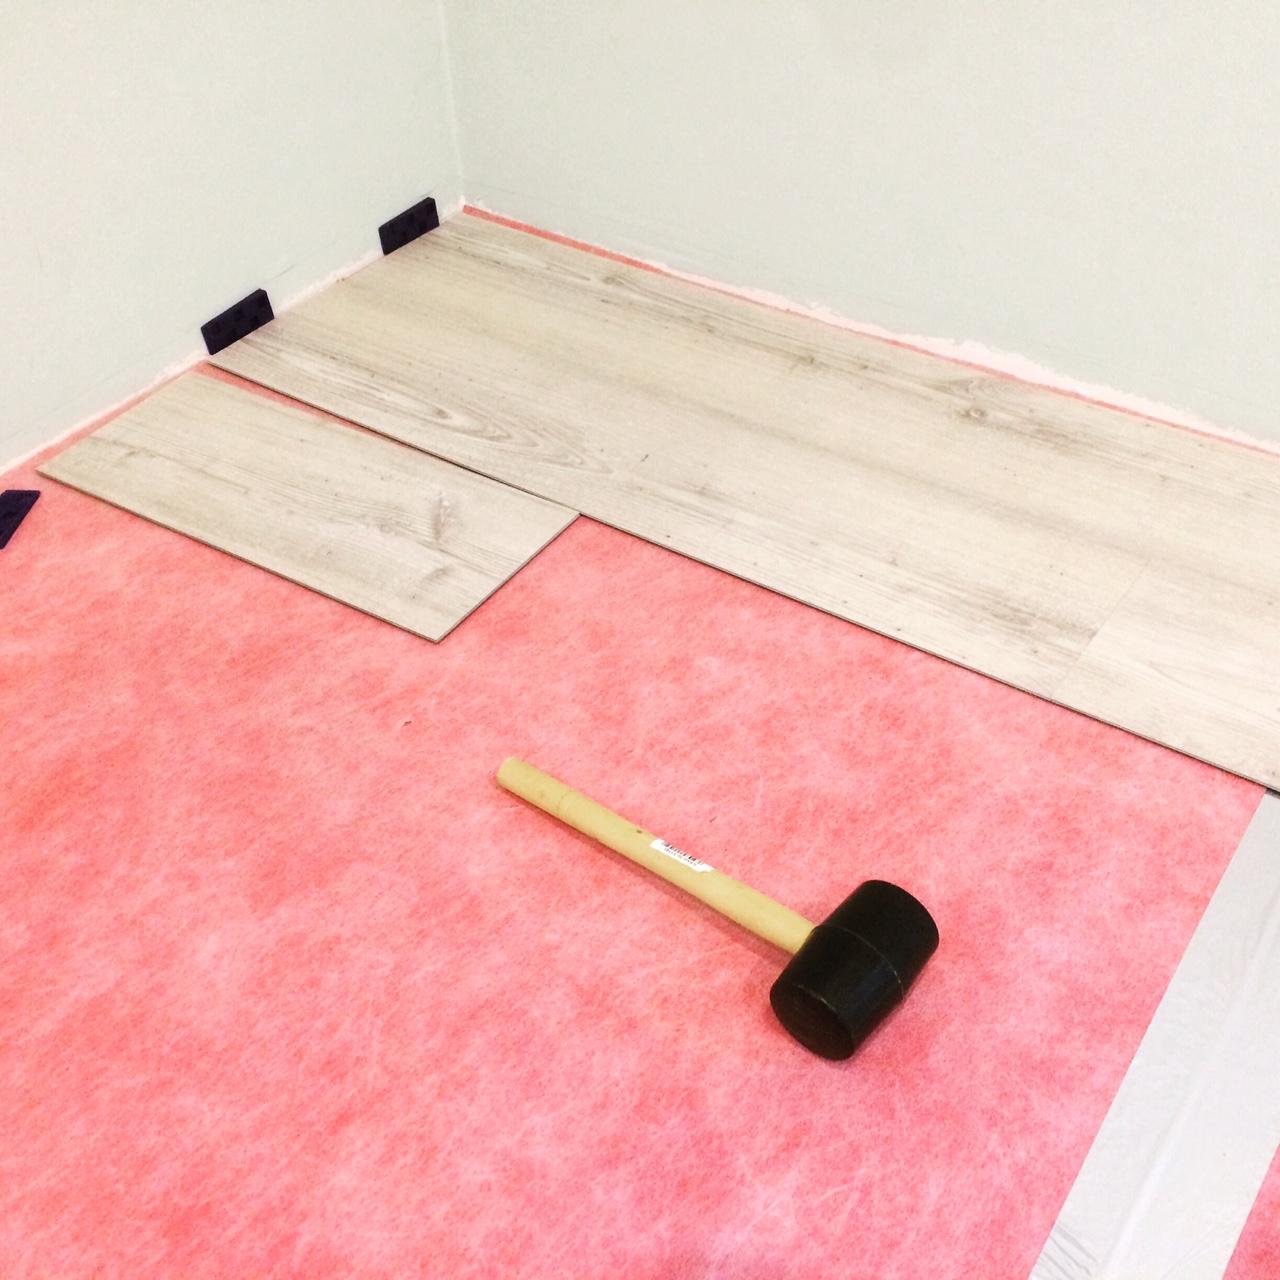 vinylboden selbst verlegen anleitung und tipps zum verlegen. Black Bedroom Furniture Sets. Home Design Ideas